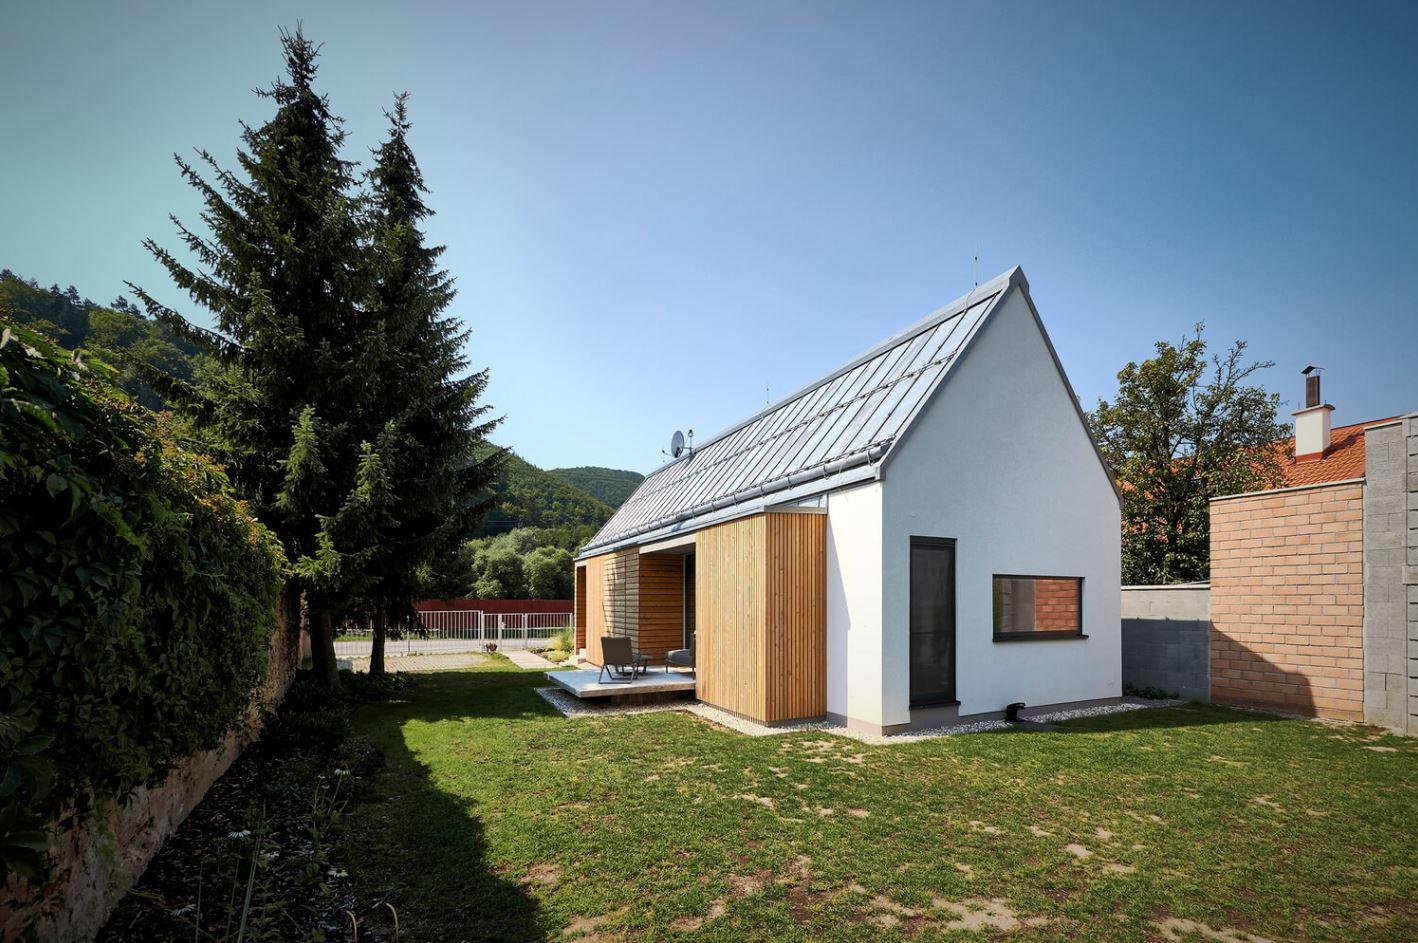 Fachadas de casas con techo a dos aguas for Sobretechos para casas